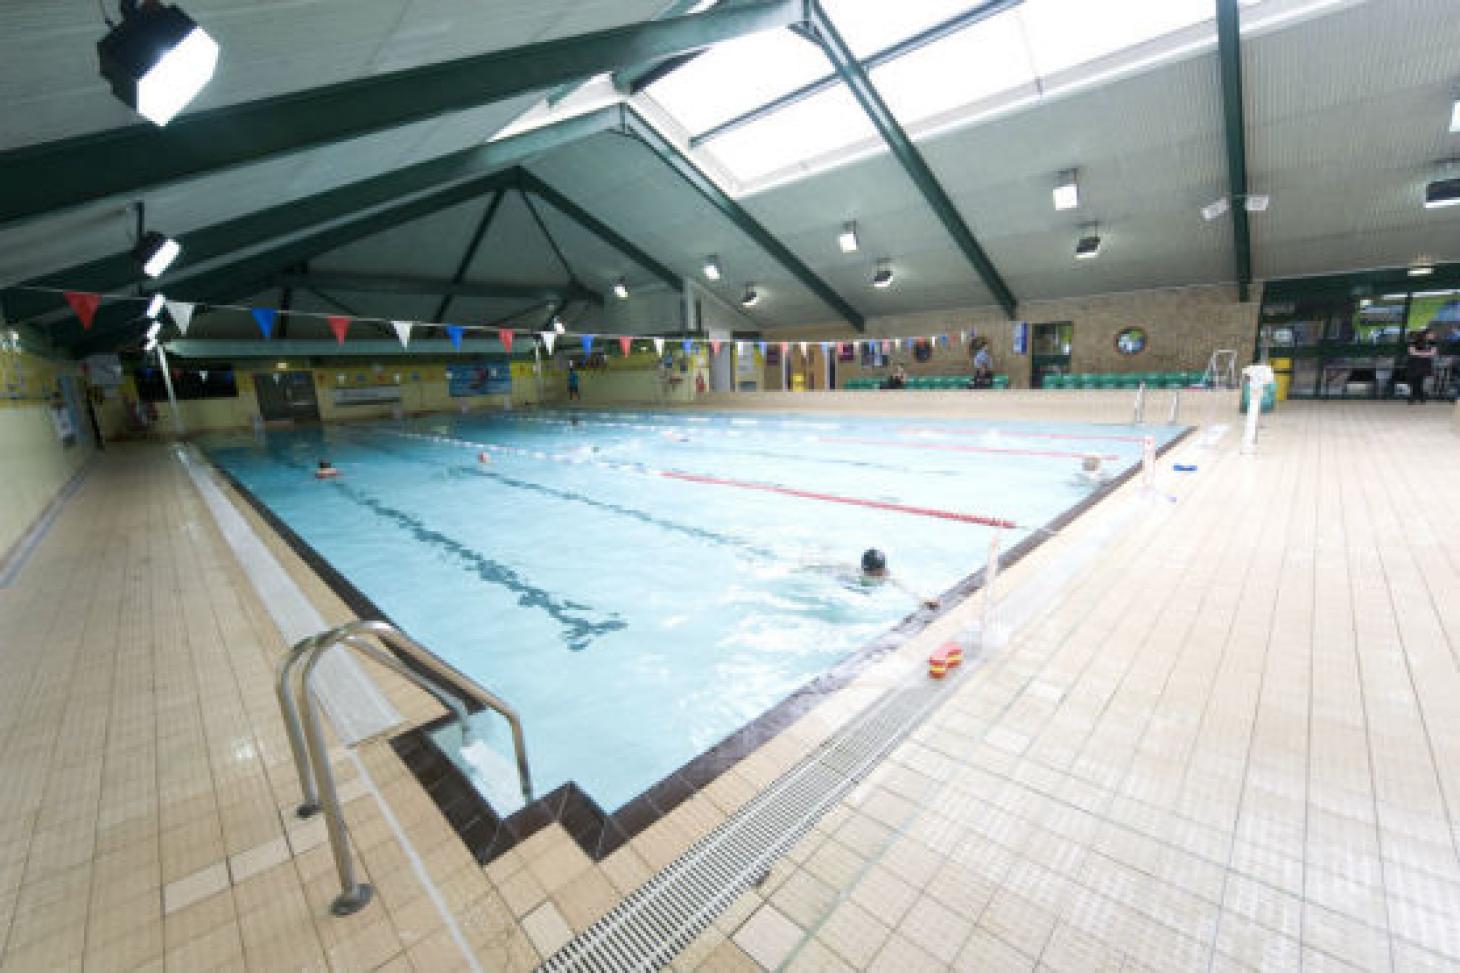 Highbury Pool and Gym Indoor swimming pool